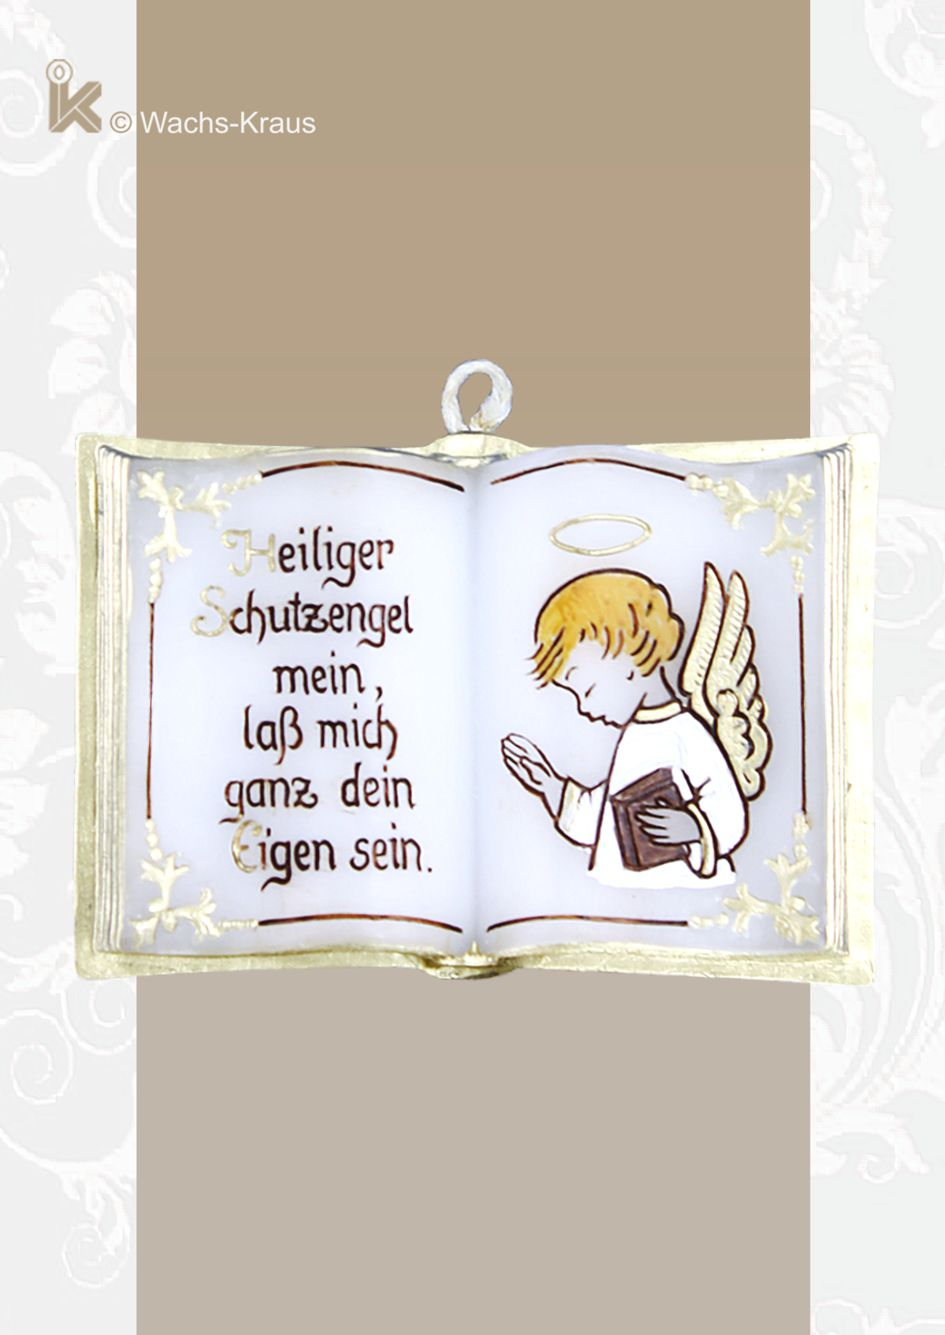 Kleines Wachsbuch mit einer Schutzengel-Abbildung und dem Gebet: Heiliger Schutzengel mein, lass mich ganz dein Eigen sein.